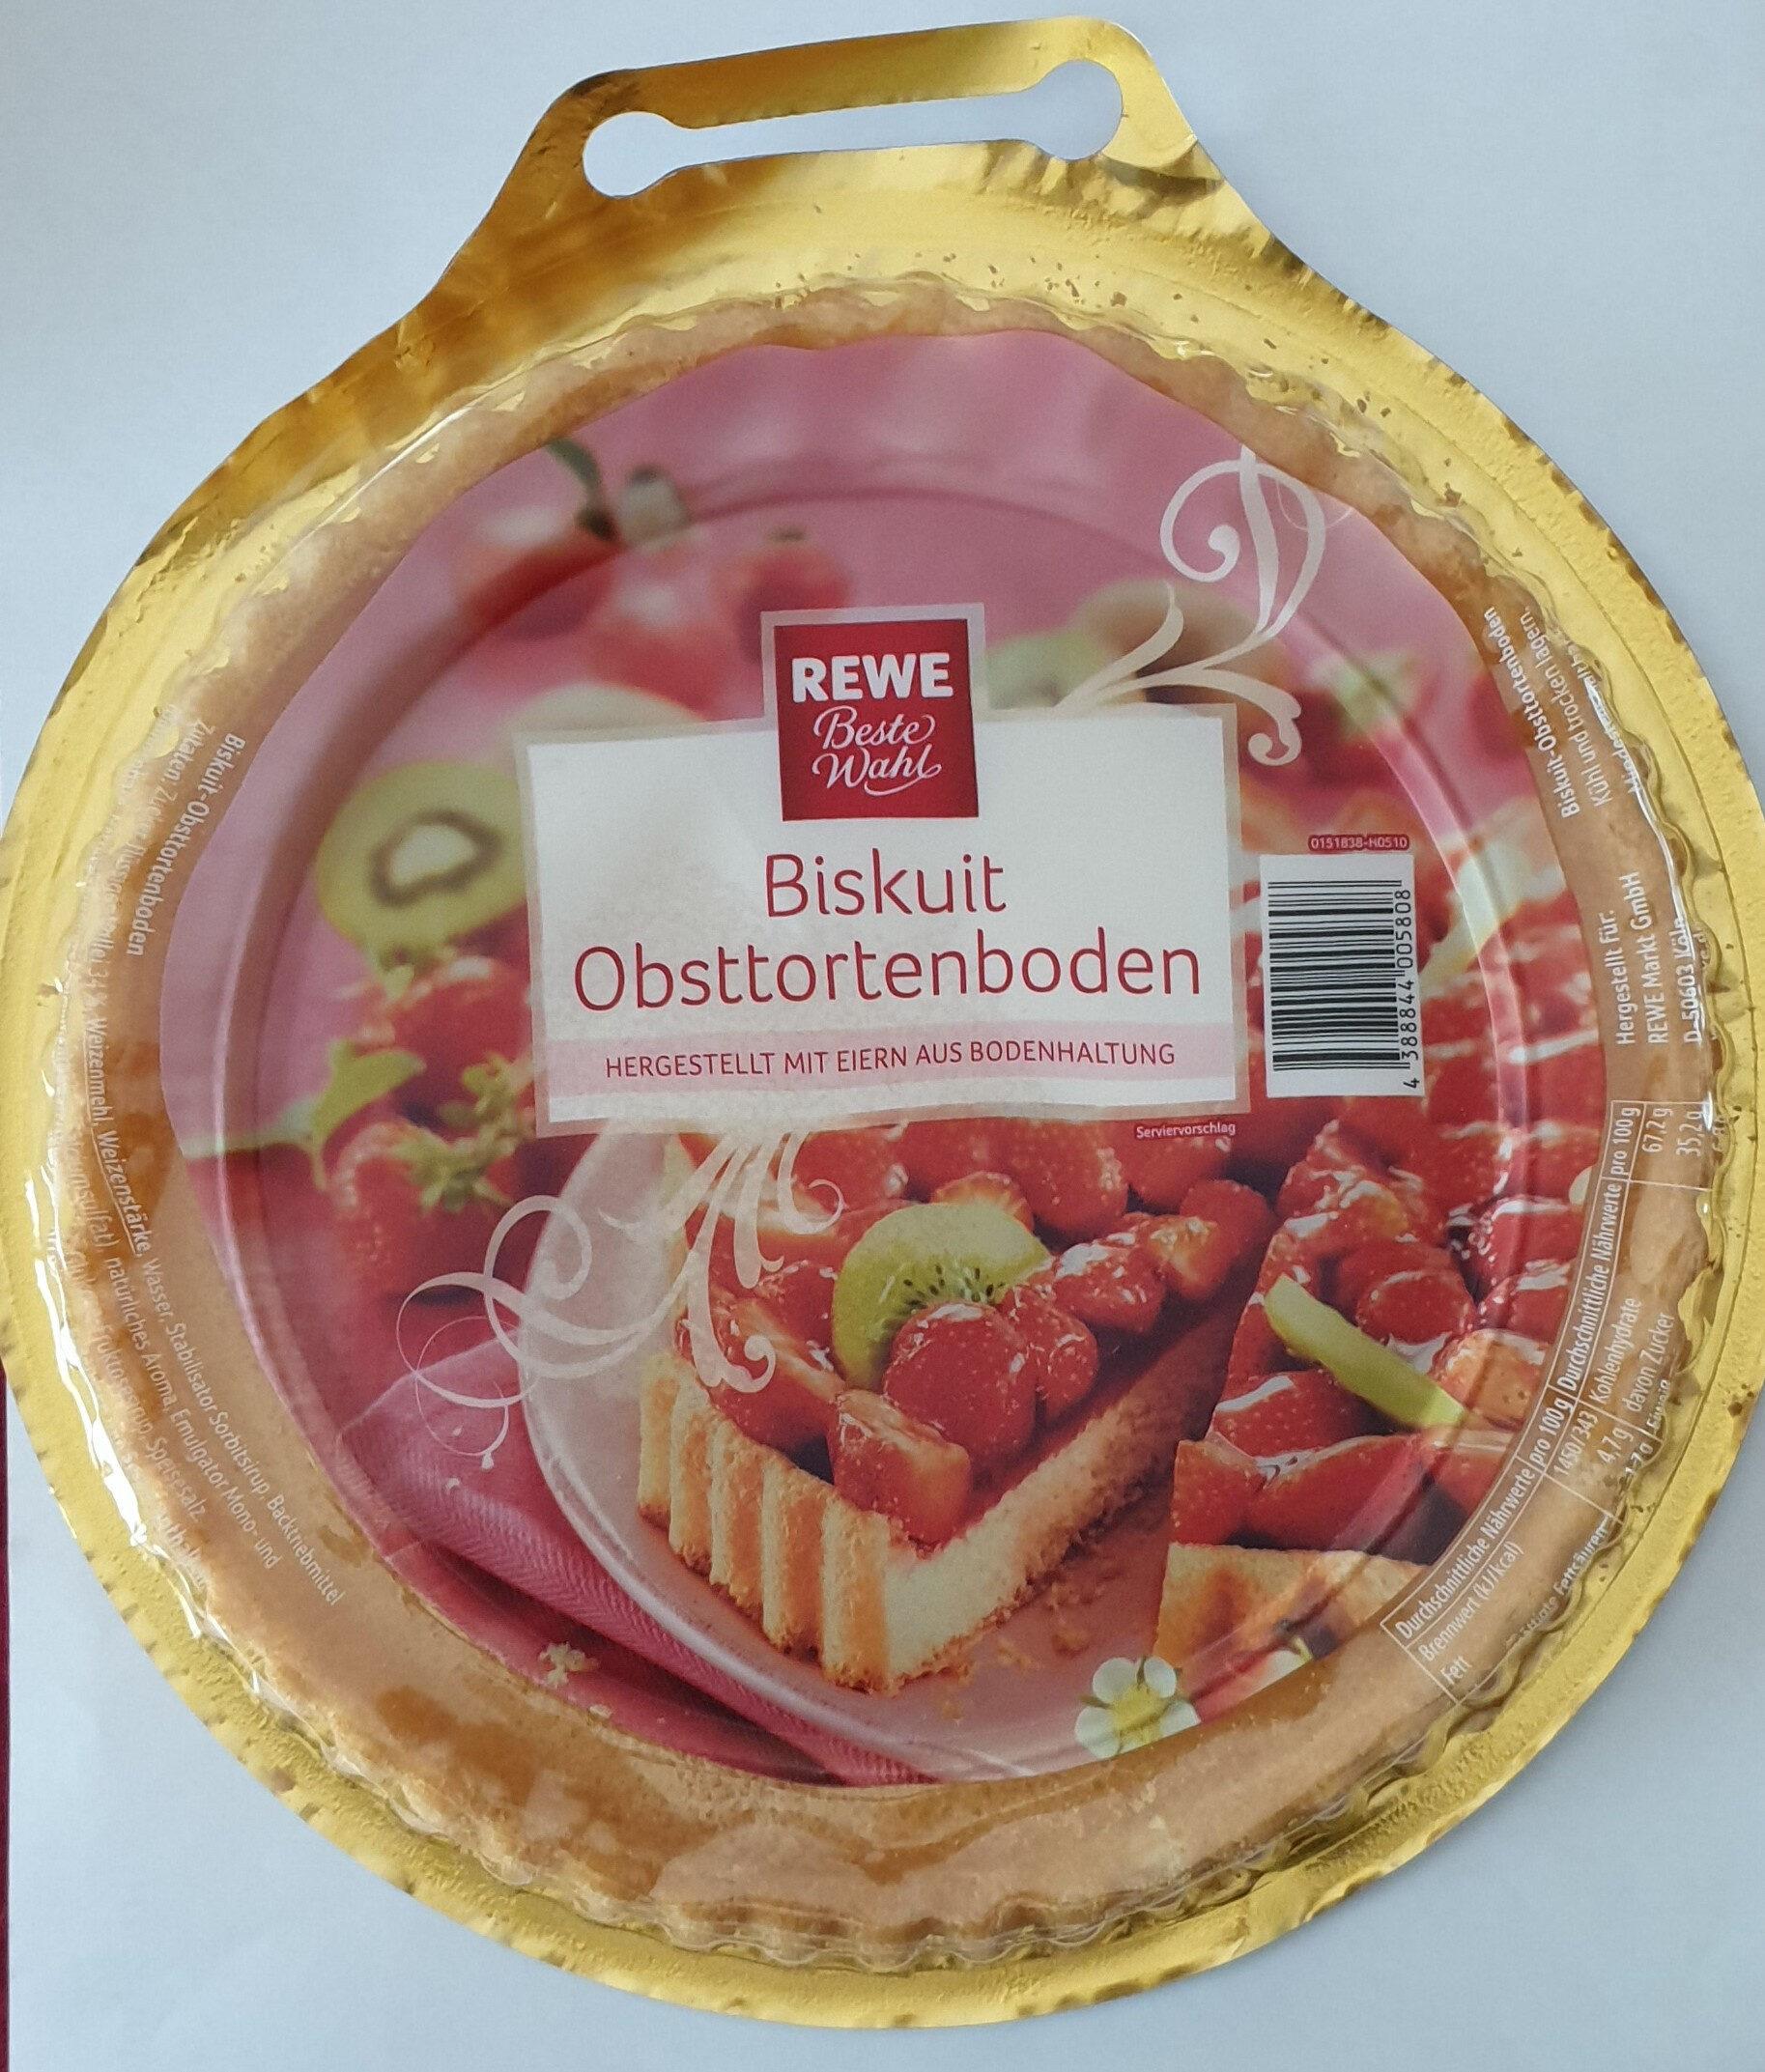 Biskuit Obsttortenboden Rewe 300 G